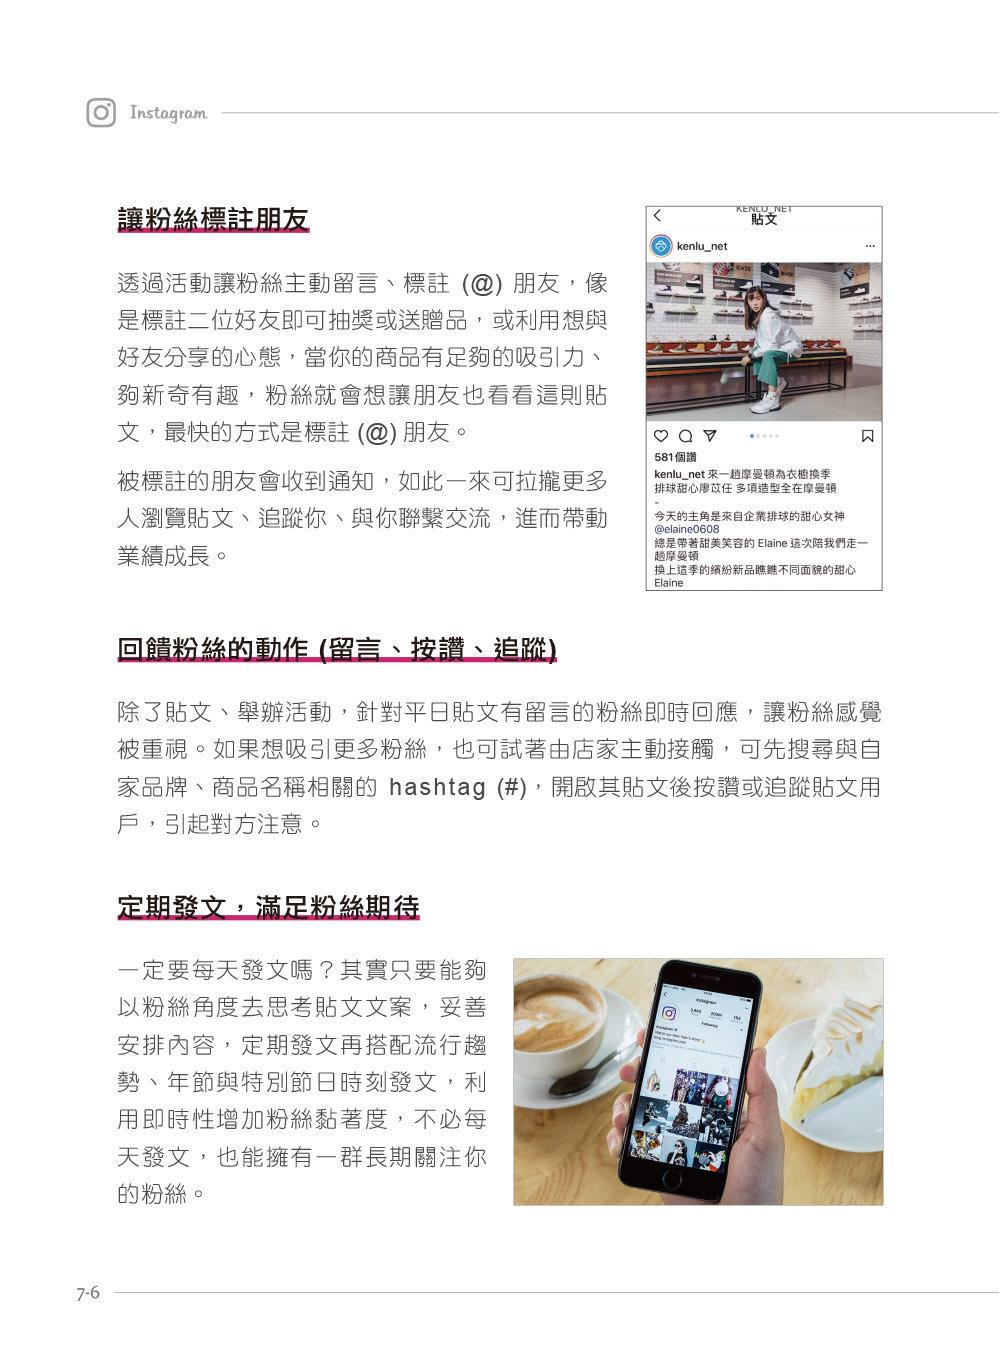 超人氣 Instagram 視覺行銷力:小編不敗,經營 IG品牌人氣王的 120個秘技!(第二版)-preview-8